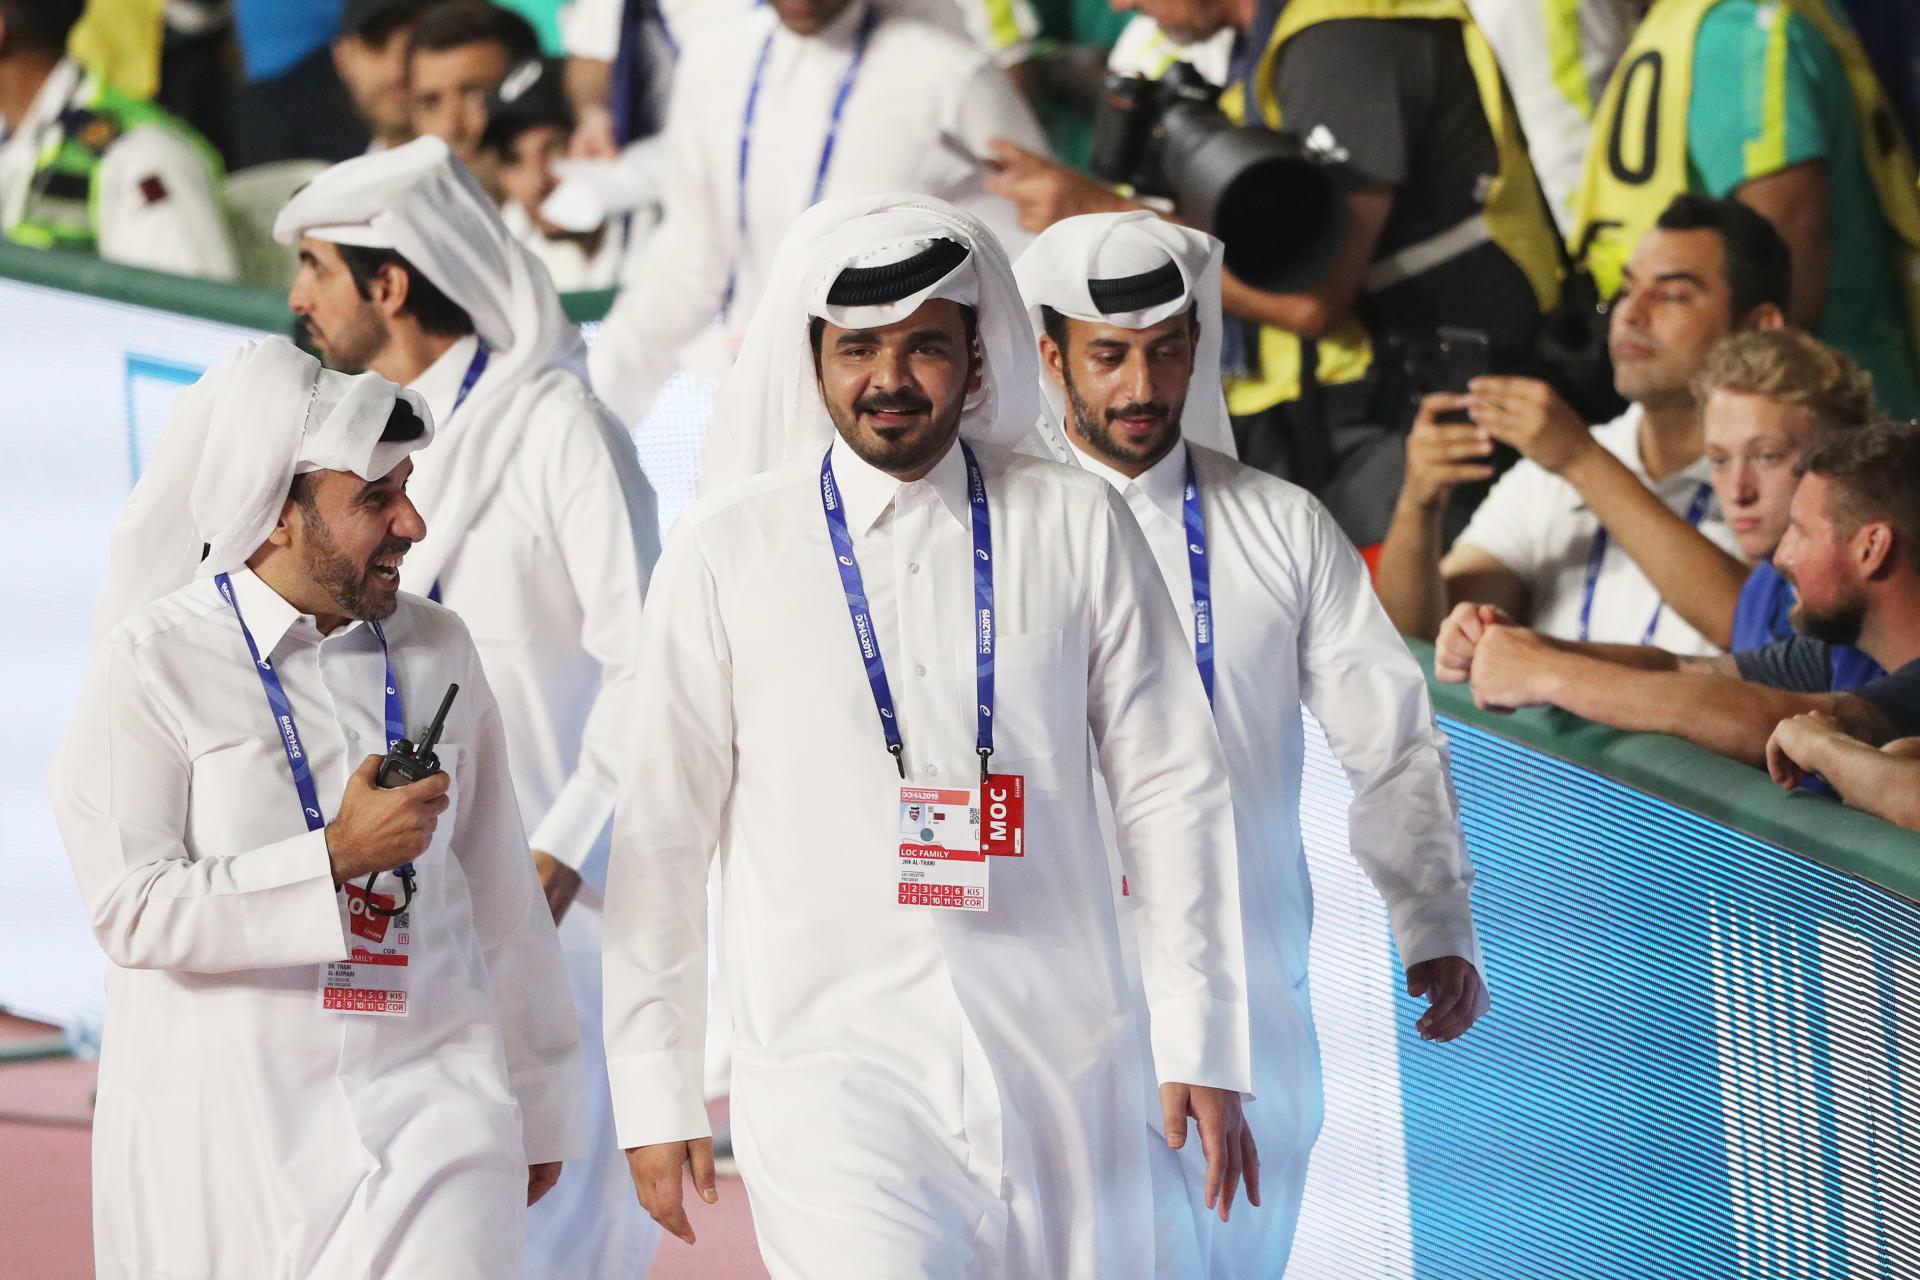 قطر تطلب تنظيم إحدى دورات الألعاب الأولمبية بداية من نسخة 2032